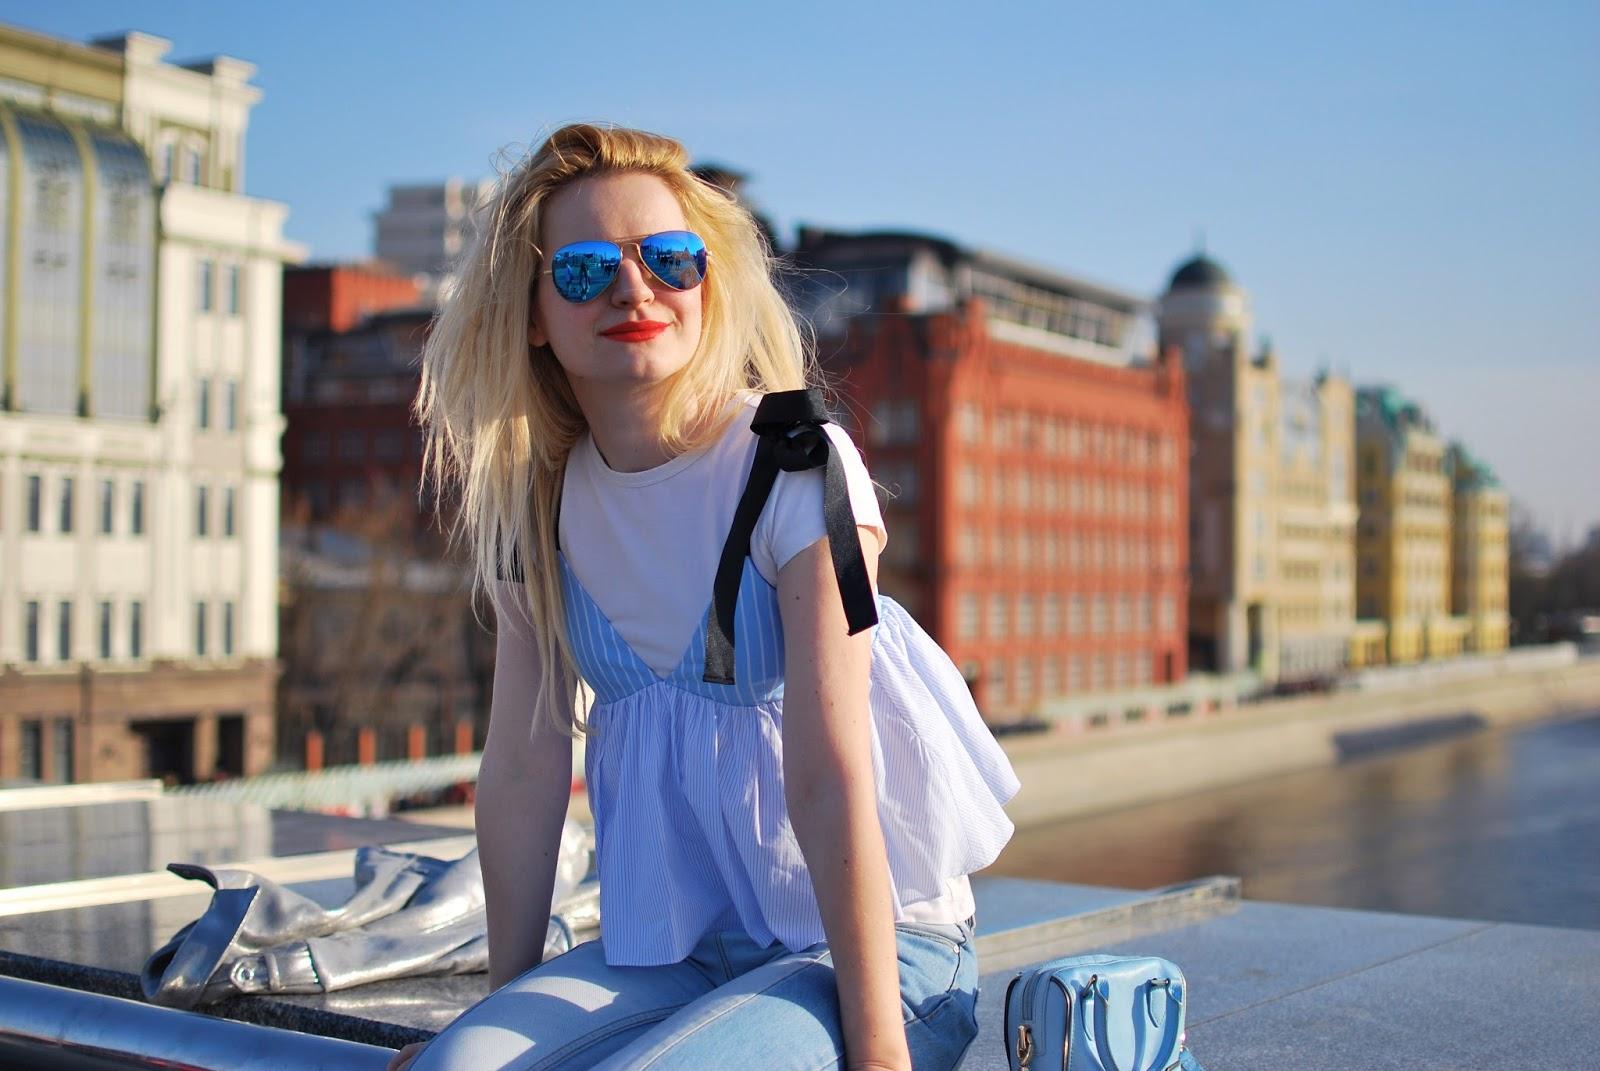 луки весна, модный лук,фото модный, модные блоггеры, аутфит, модные тенденции